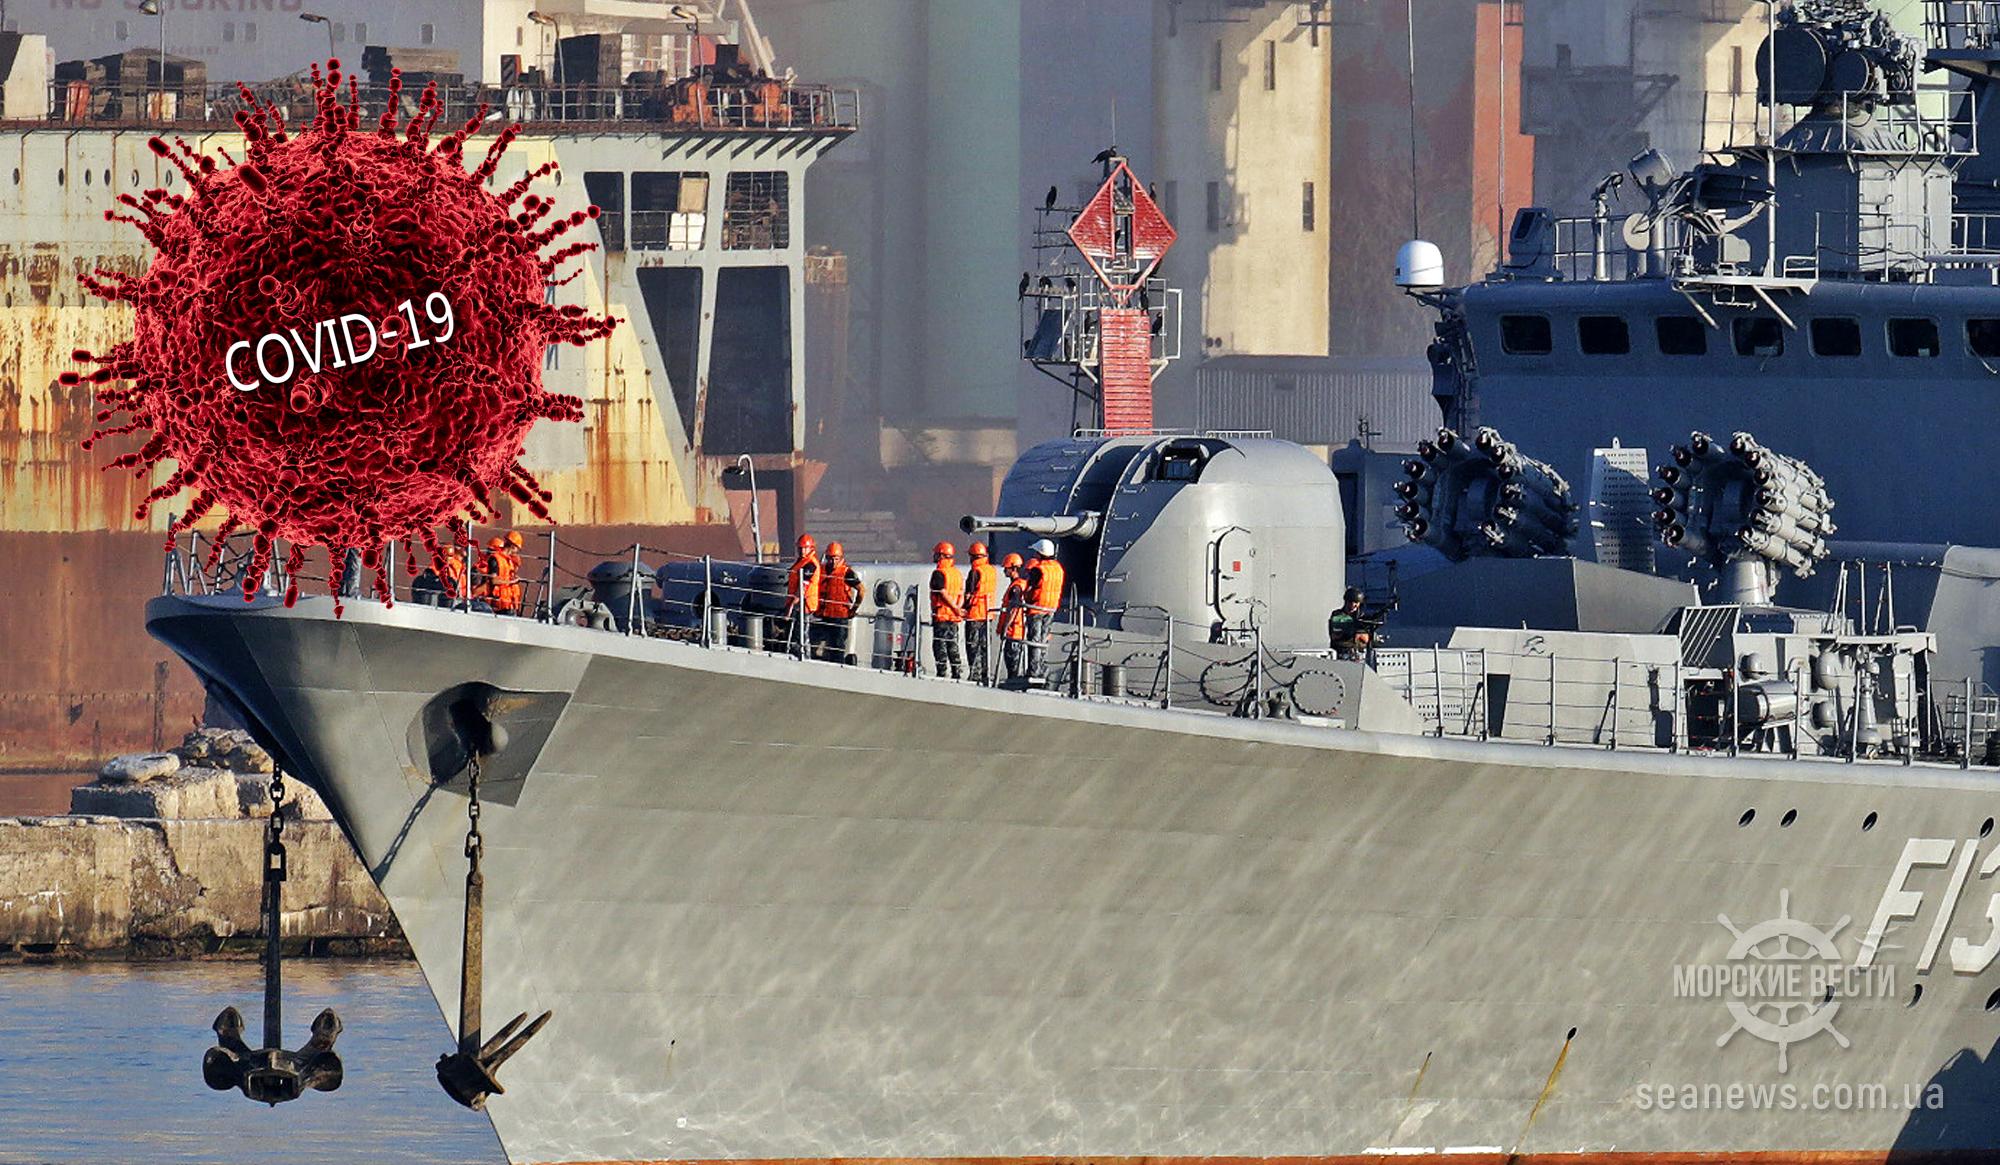 На флагмане ВМС Украины зафиксировали заражение коронавирусом